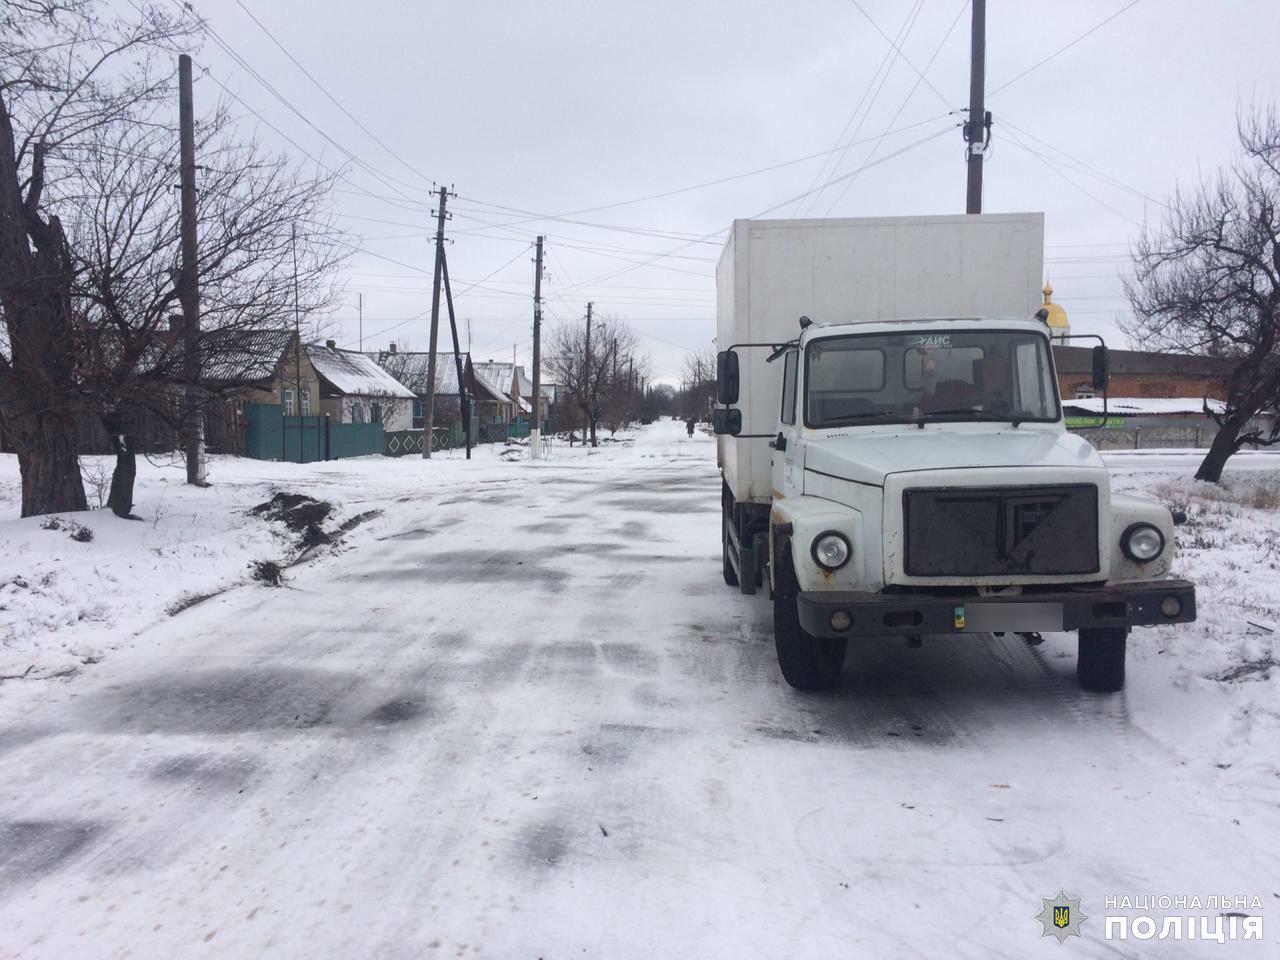 Итог первого снежного дня в Дружковке - три ДТП, фото-1